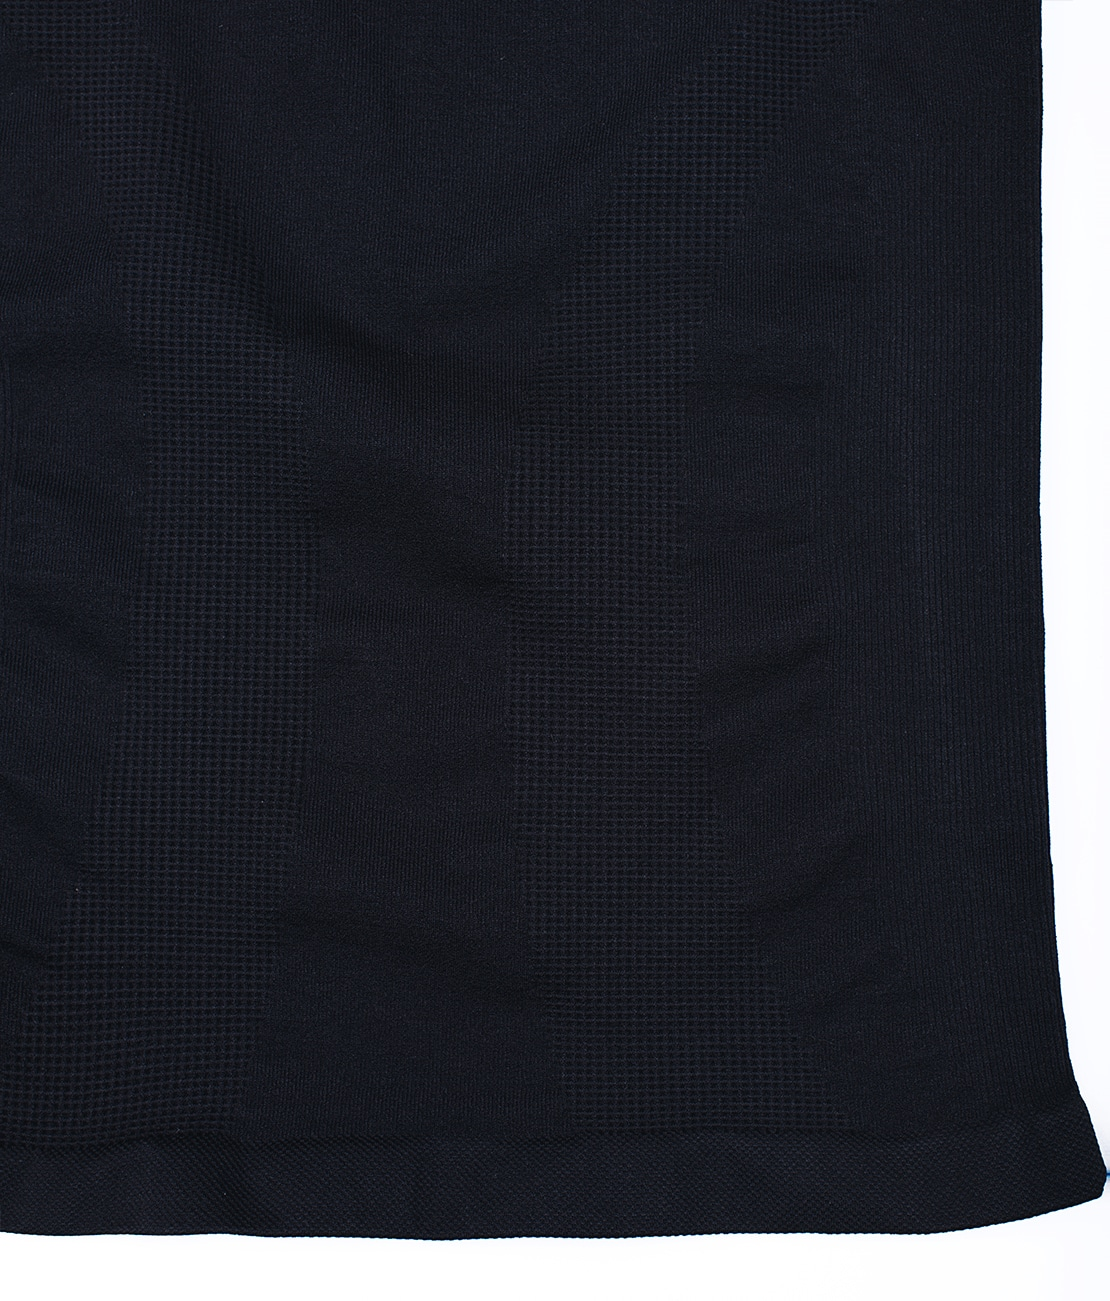 Top Amincissant Noir Packshot Detail 3